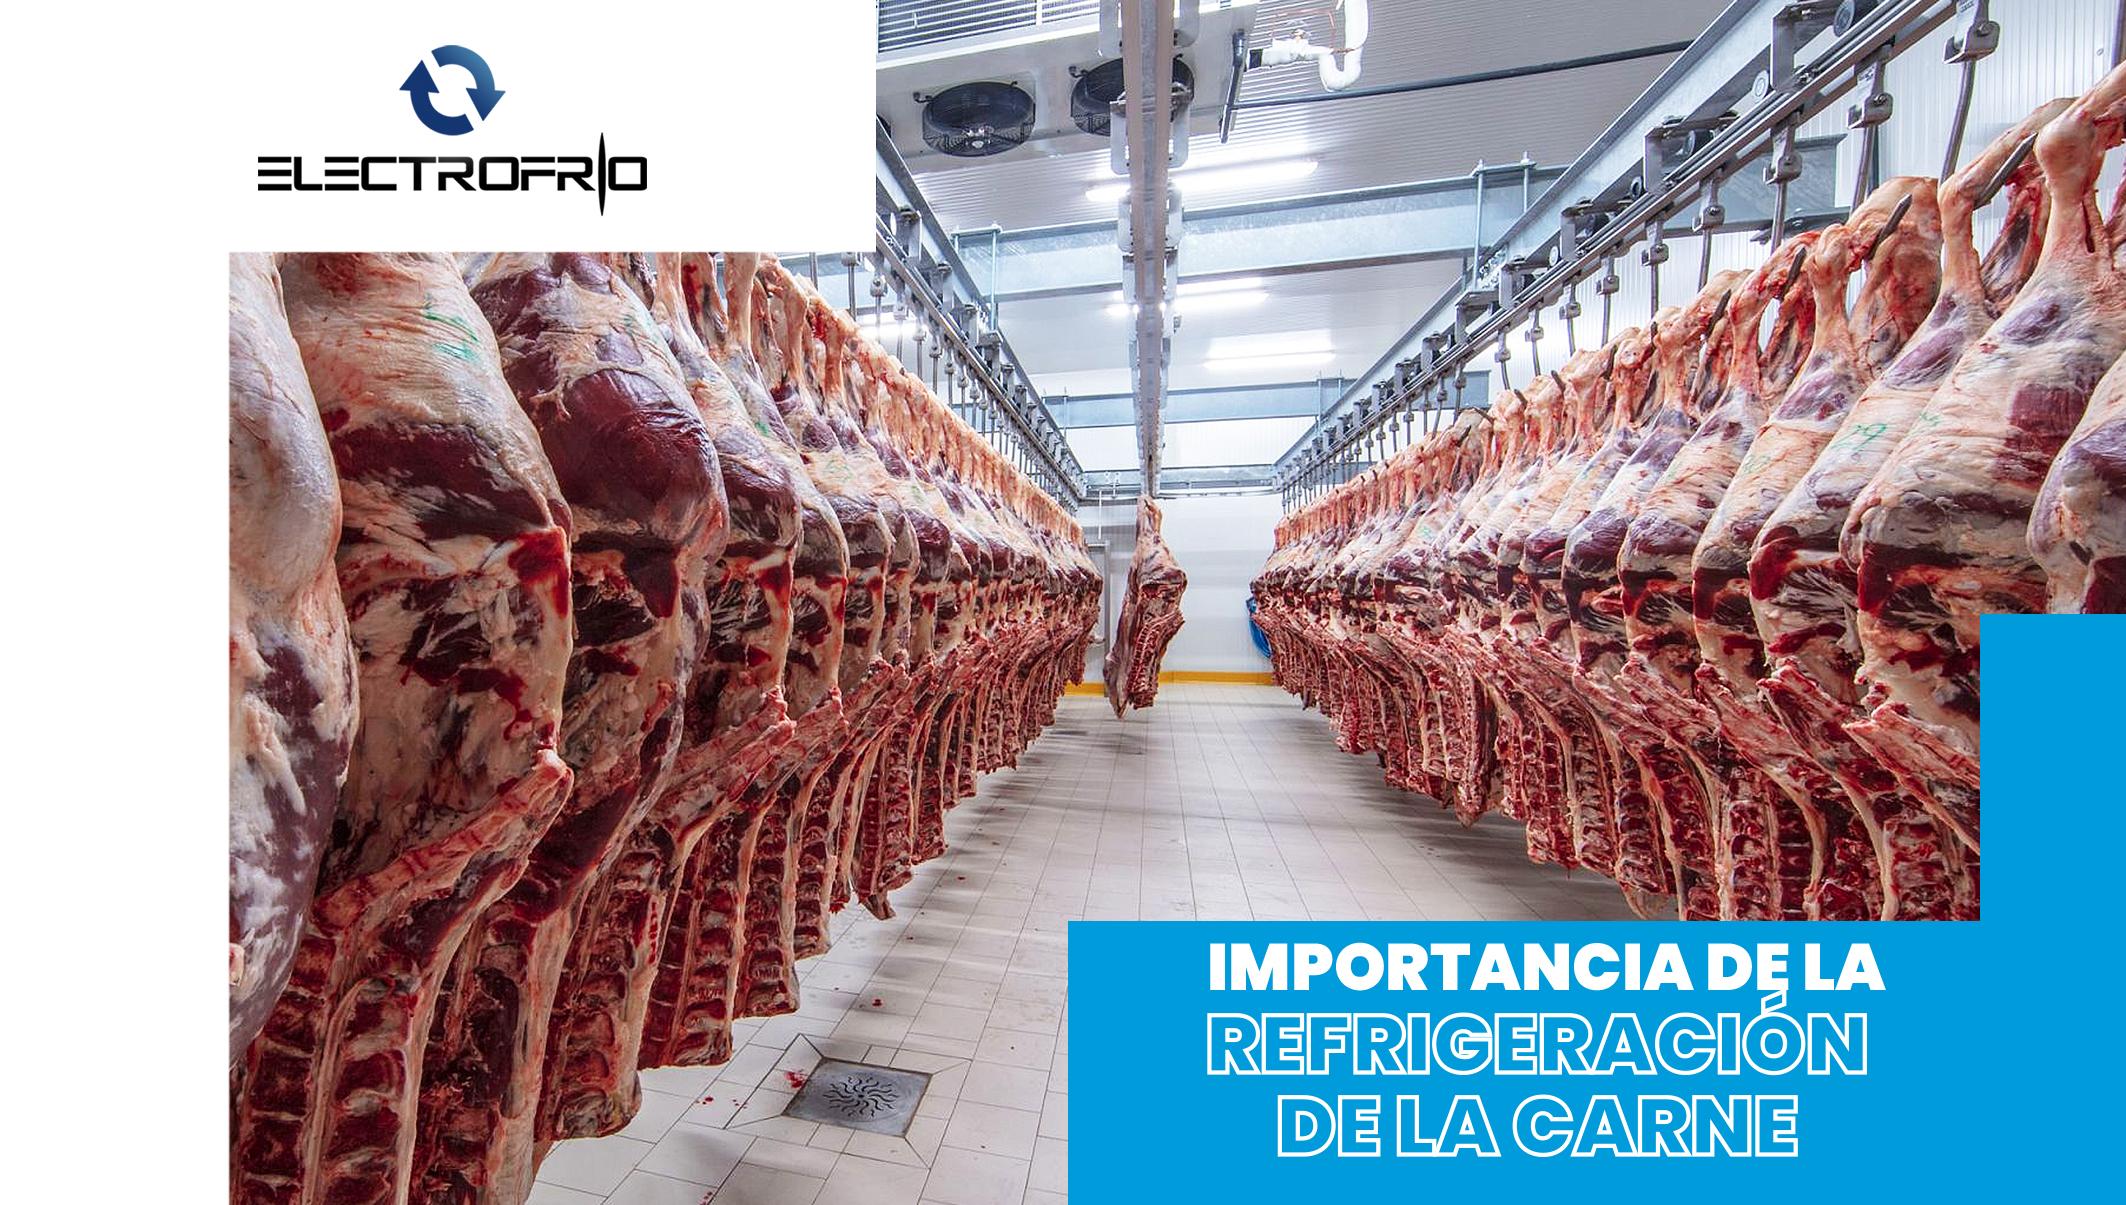 Importancia de Refrigeración de la Carne